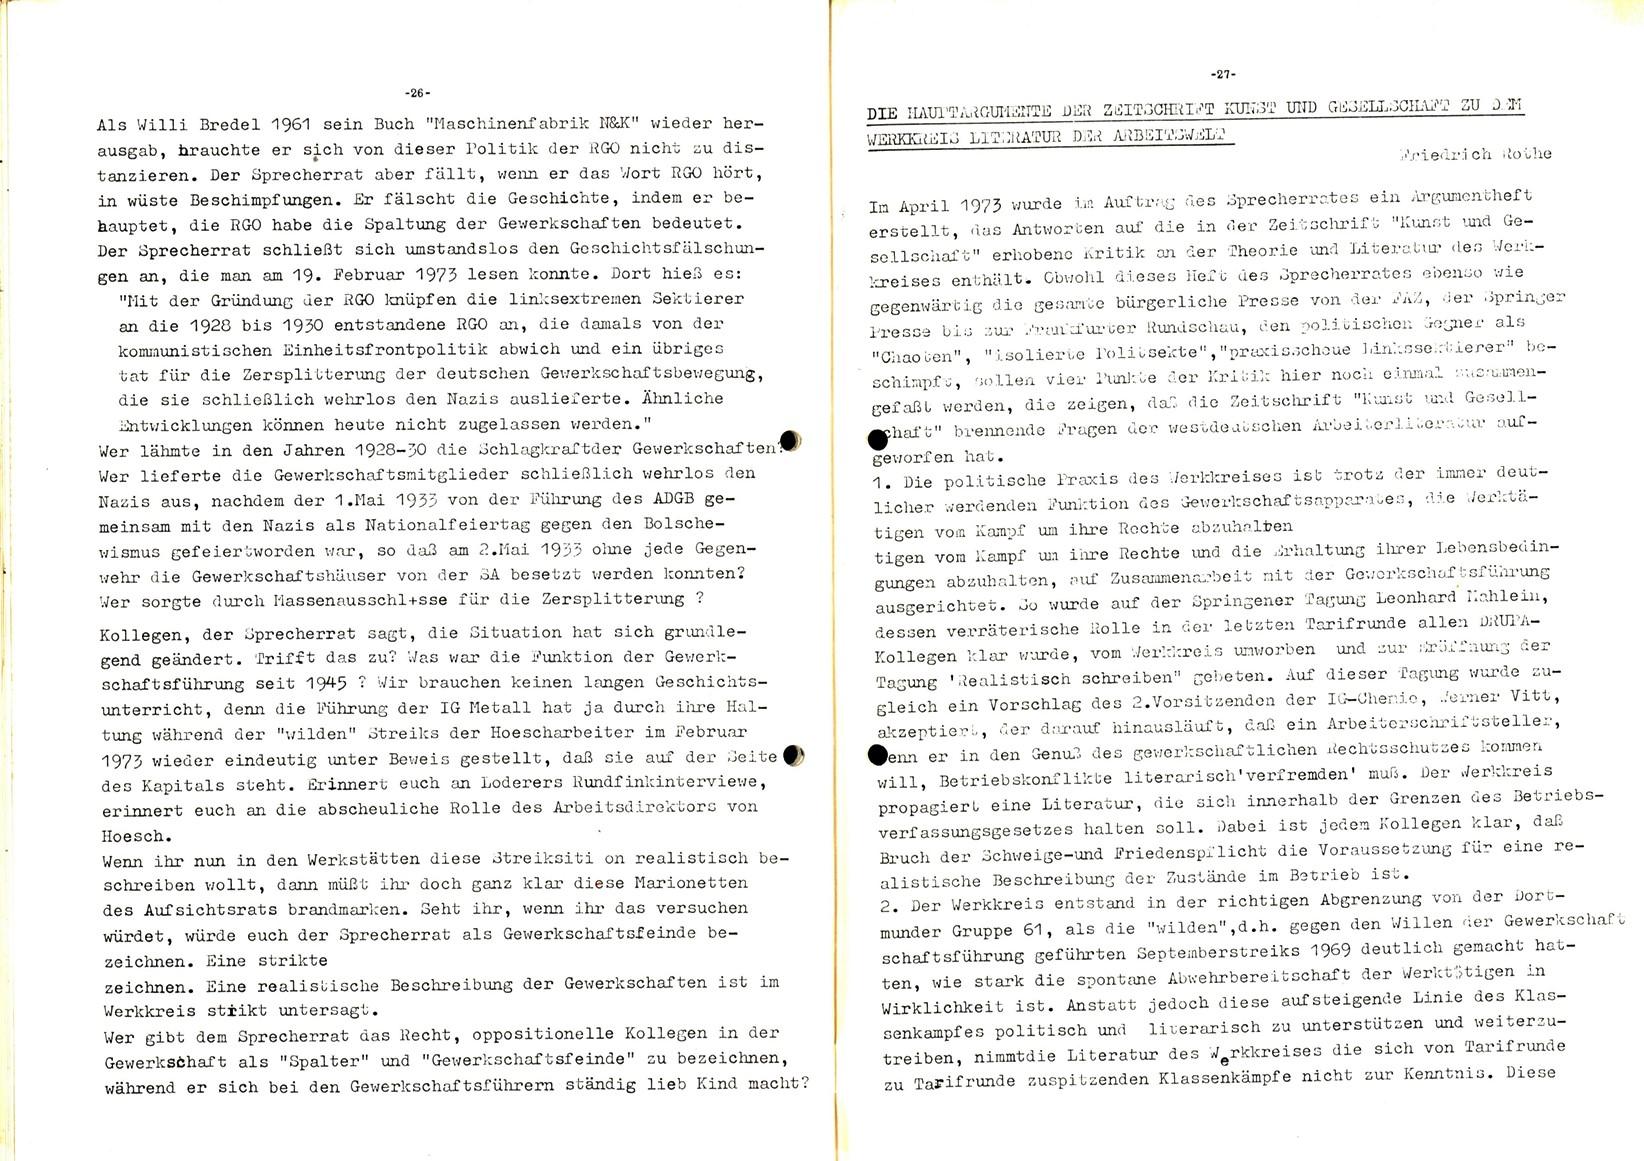 Ruhrkampf_Literaturpolitische_Korrespondenz_19730600_15